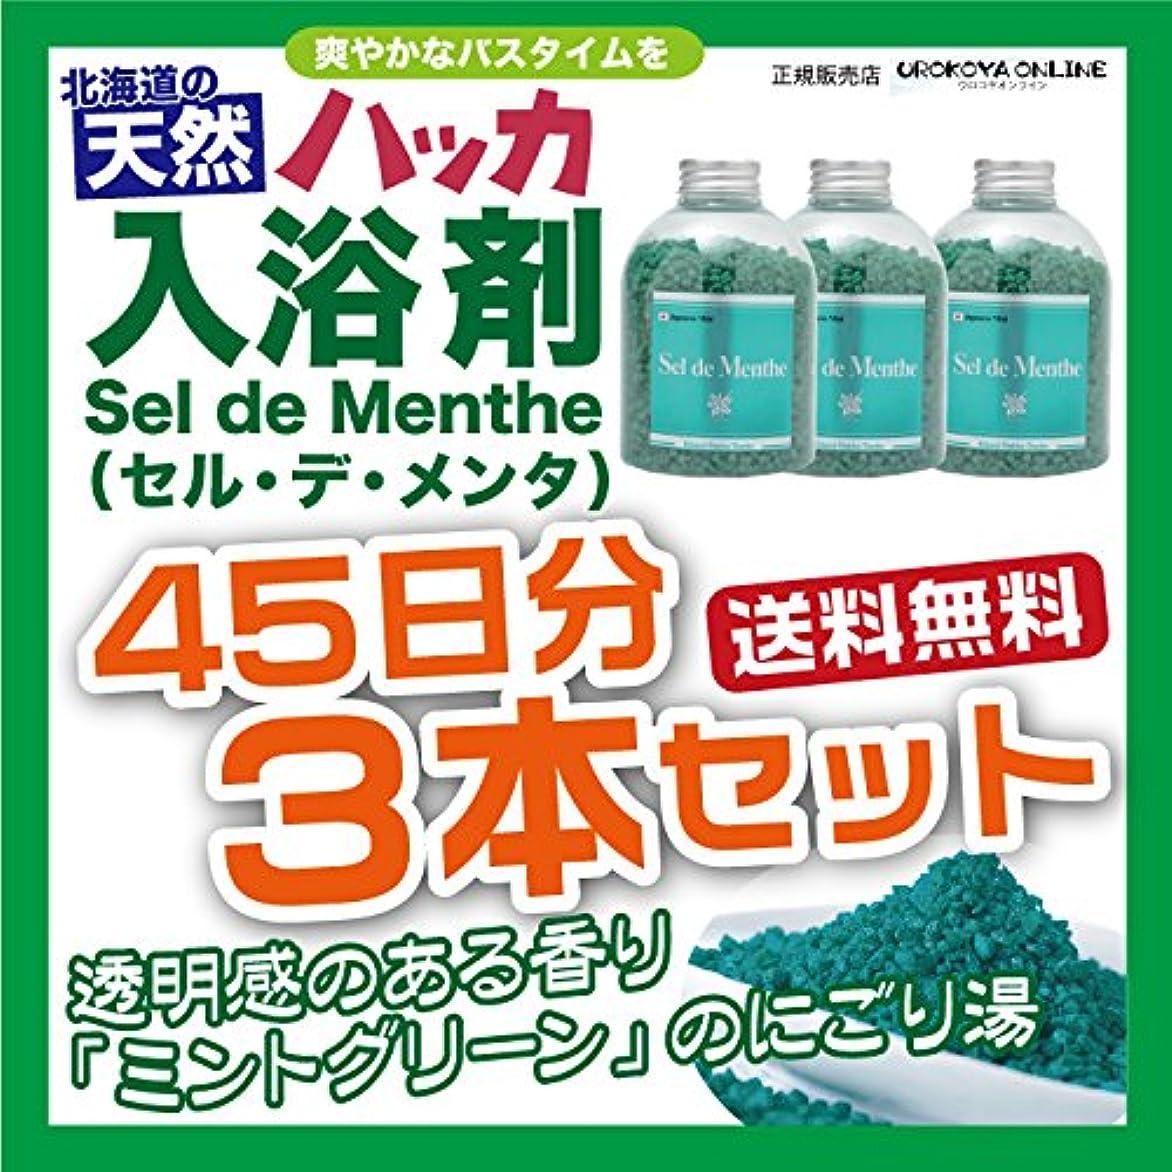 飢えたチャレンジハンサム【3本セット】北見ハッカ通商 入浴剤Sel de Menthe(セル?デ?メンタ)徳用ボトル 3本セット 1350g